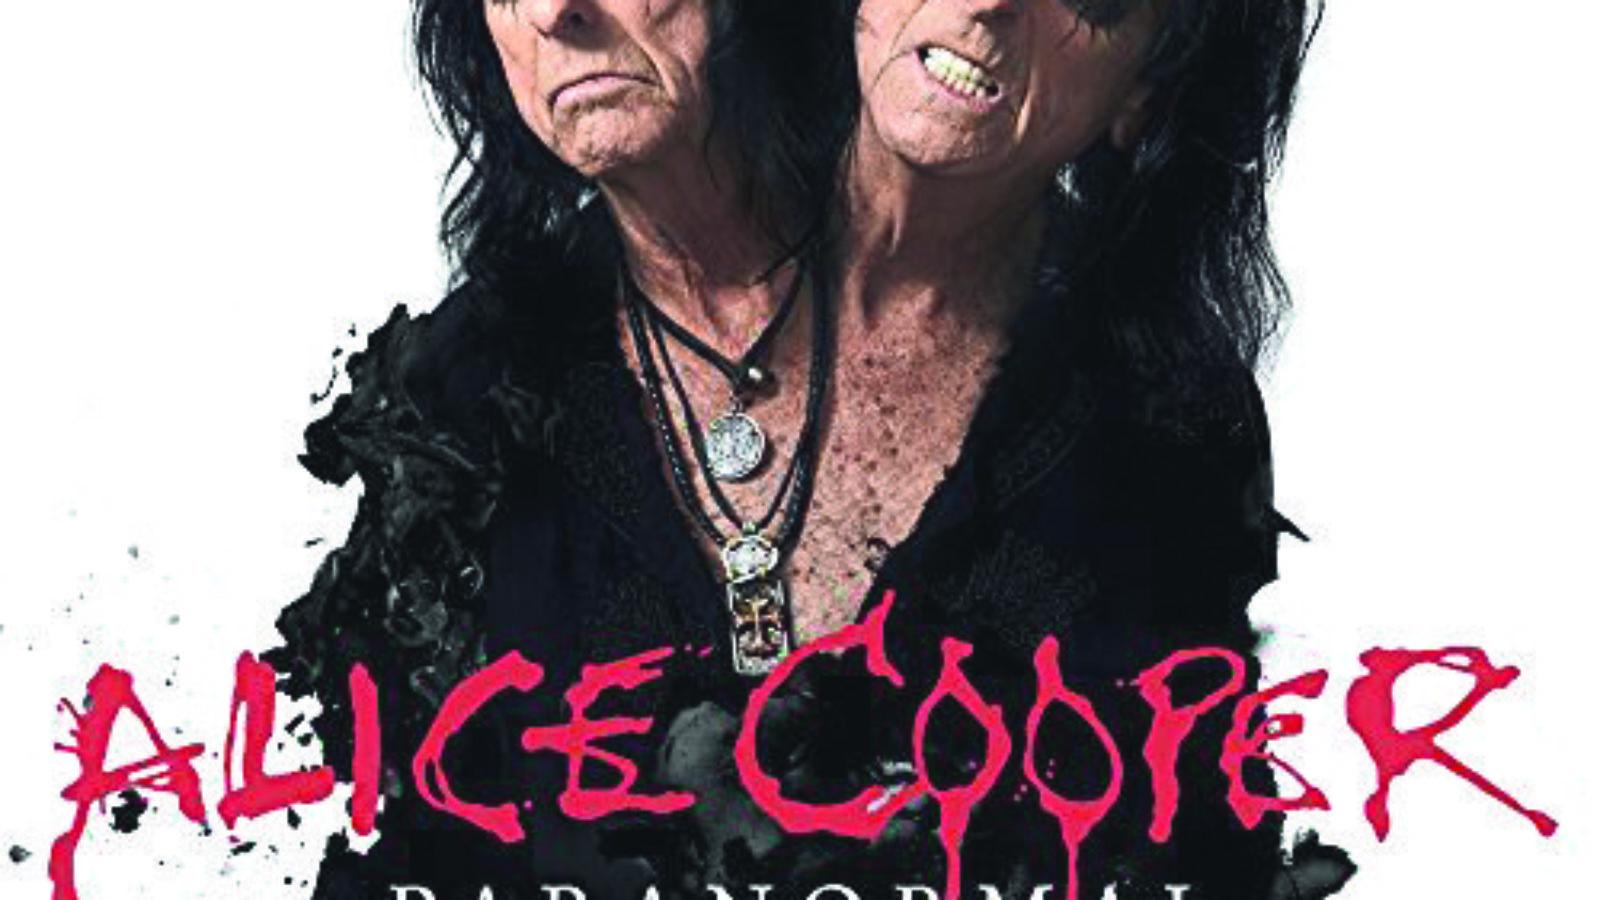 PLATTE DES MONATS: Alice Cooper – Paranormal